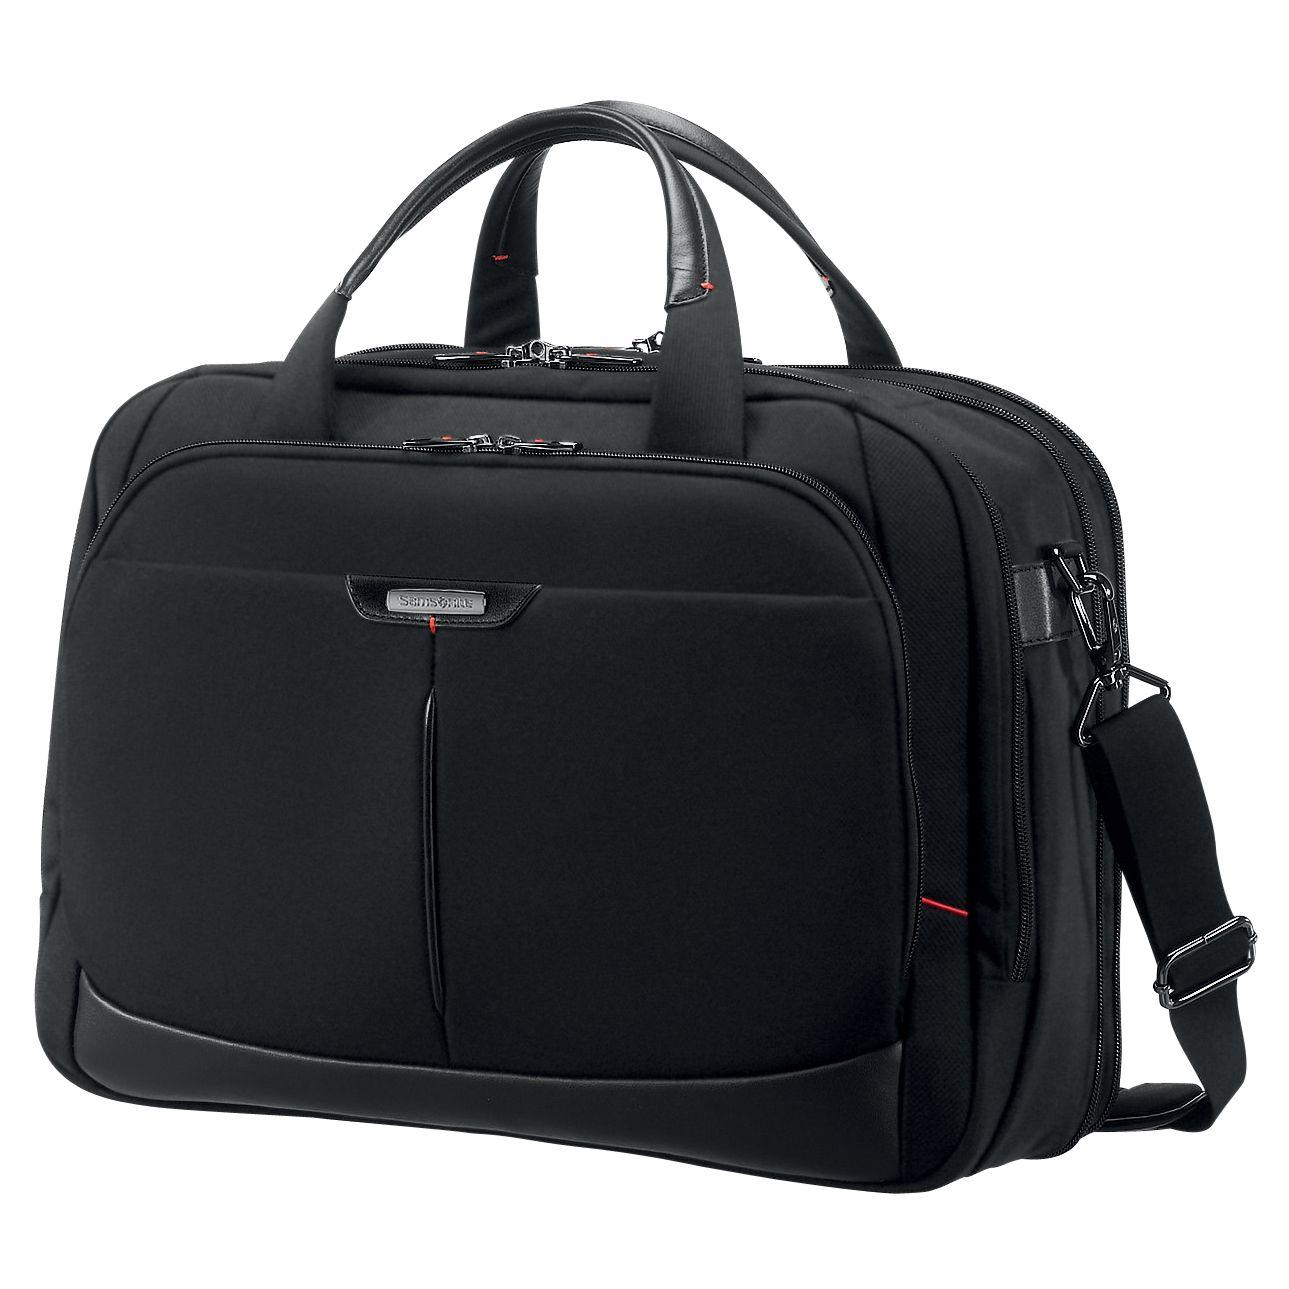 Samsonite Pro-DLX³ Laptop Briefcase, Black at John Lewis